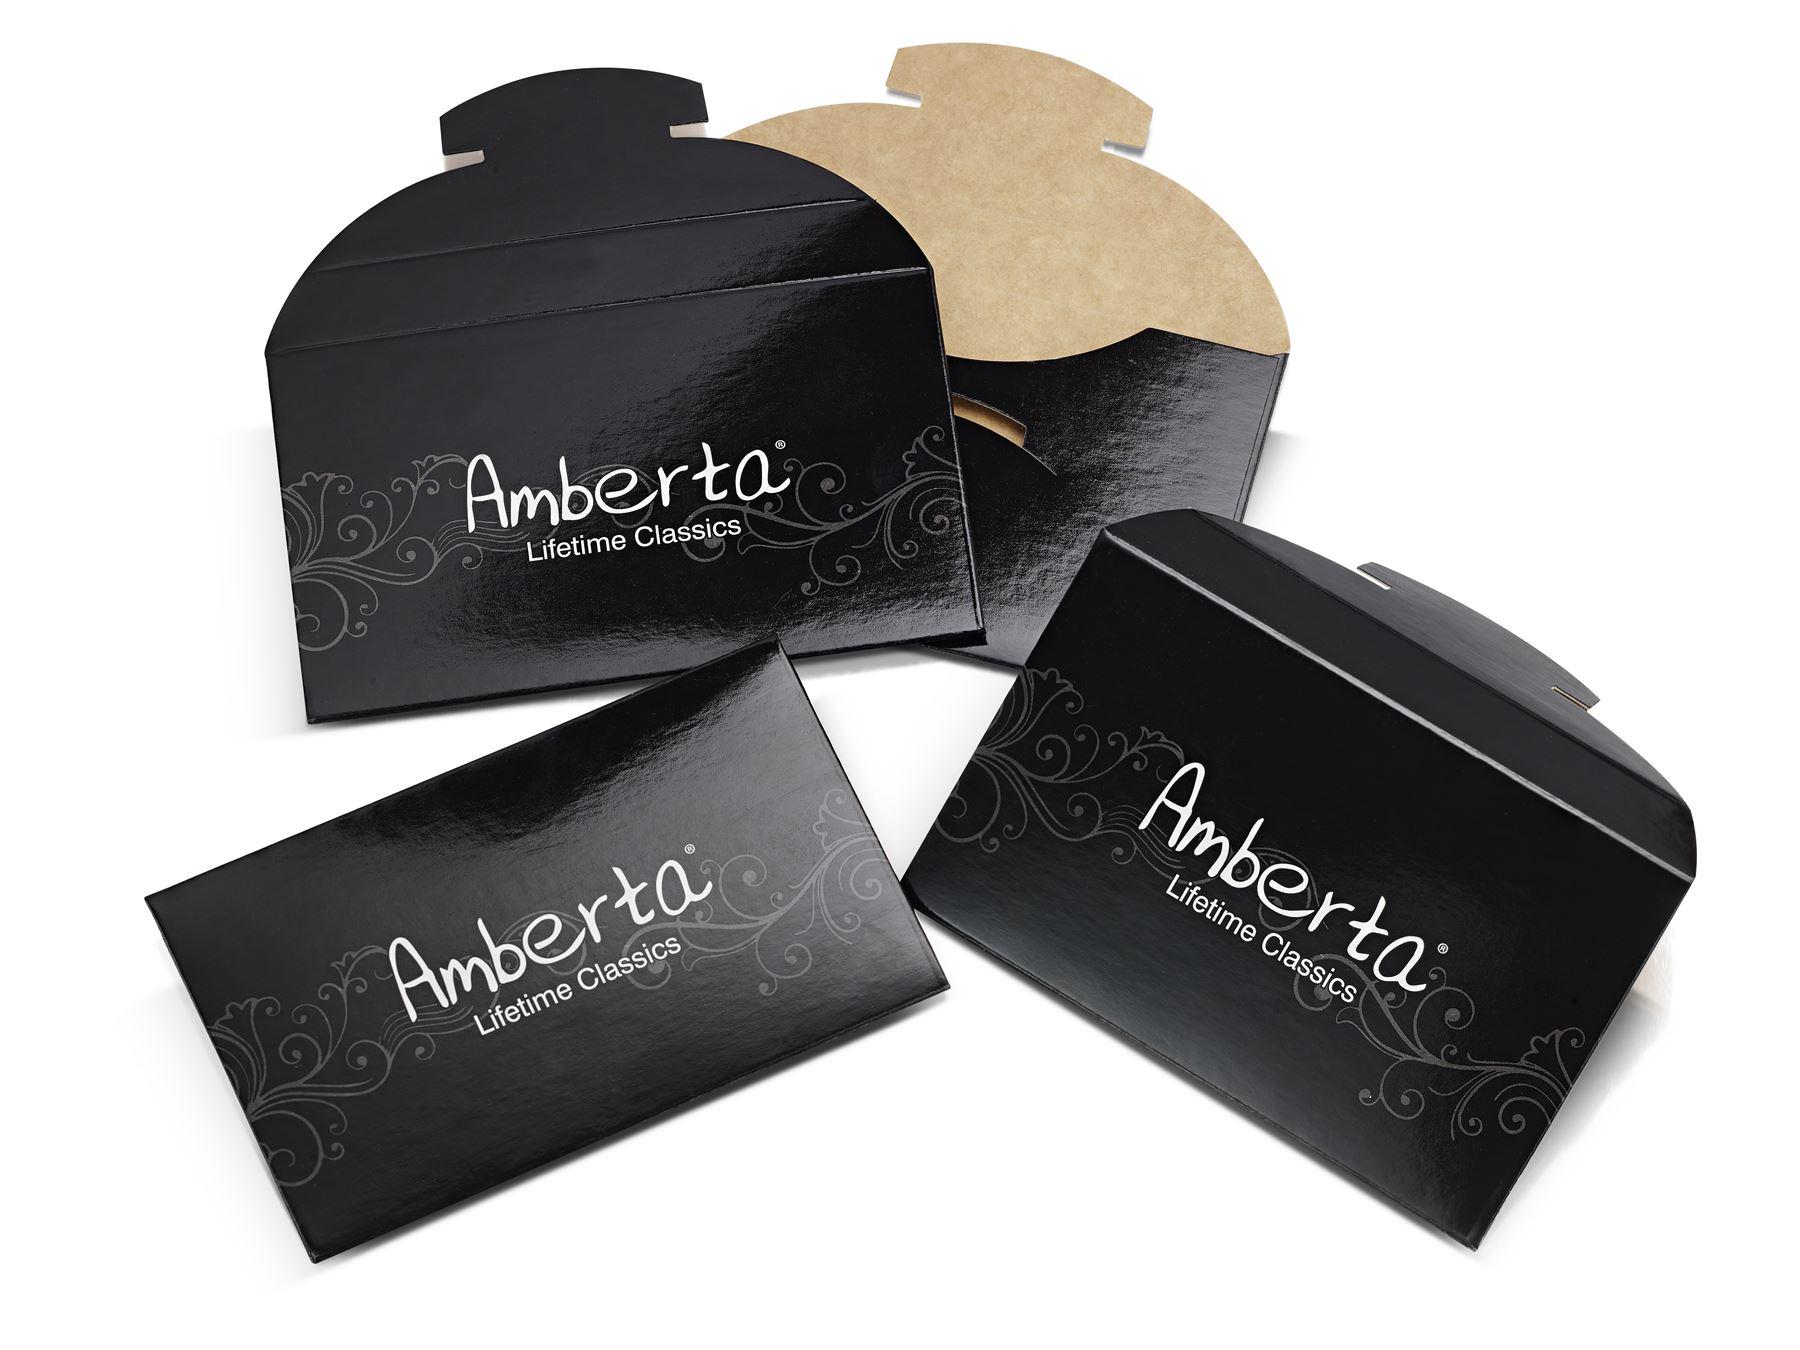 Amberta-Pendientes-para-Mujer-Aros-en-Plata-De-Ley-925-Autentica-Estilo-Clasico miniatura 29